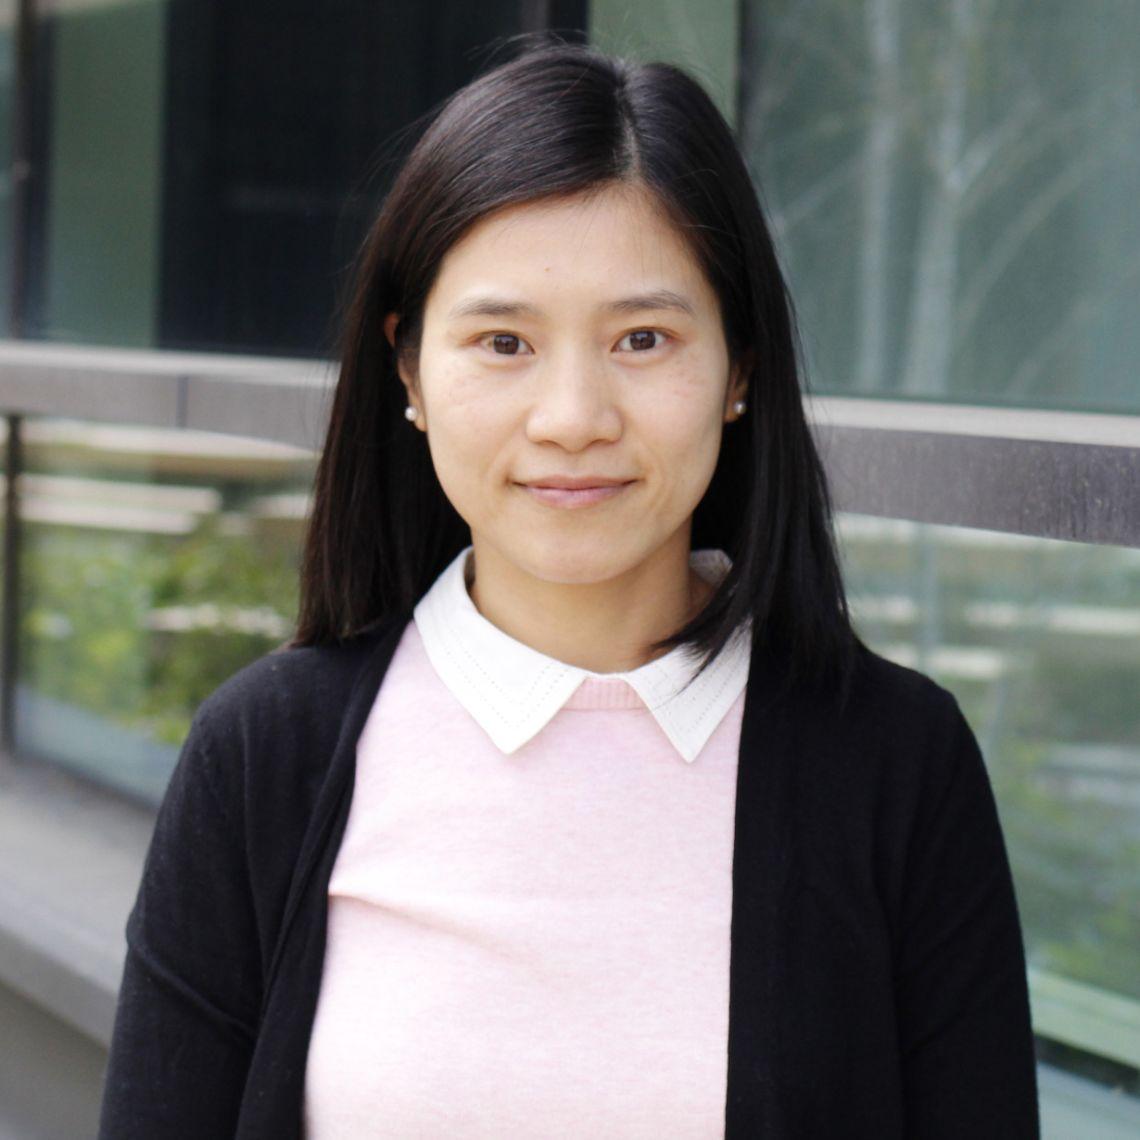 Carol Leung